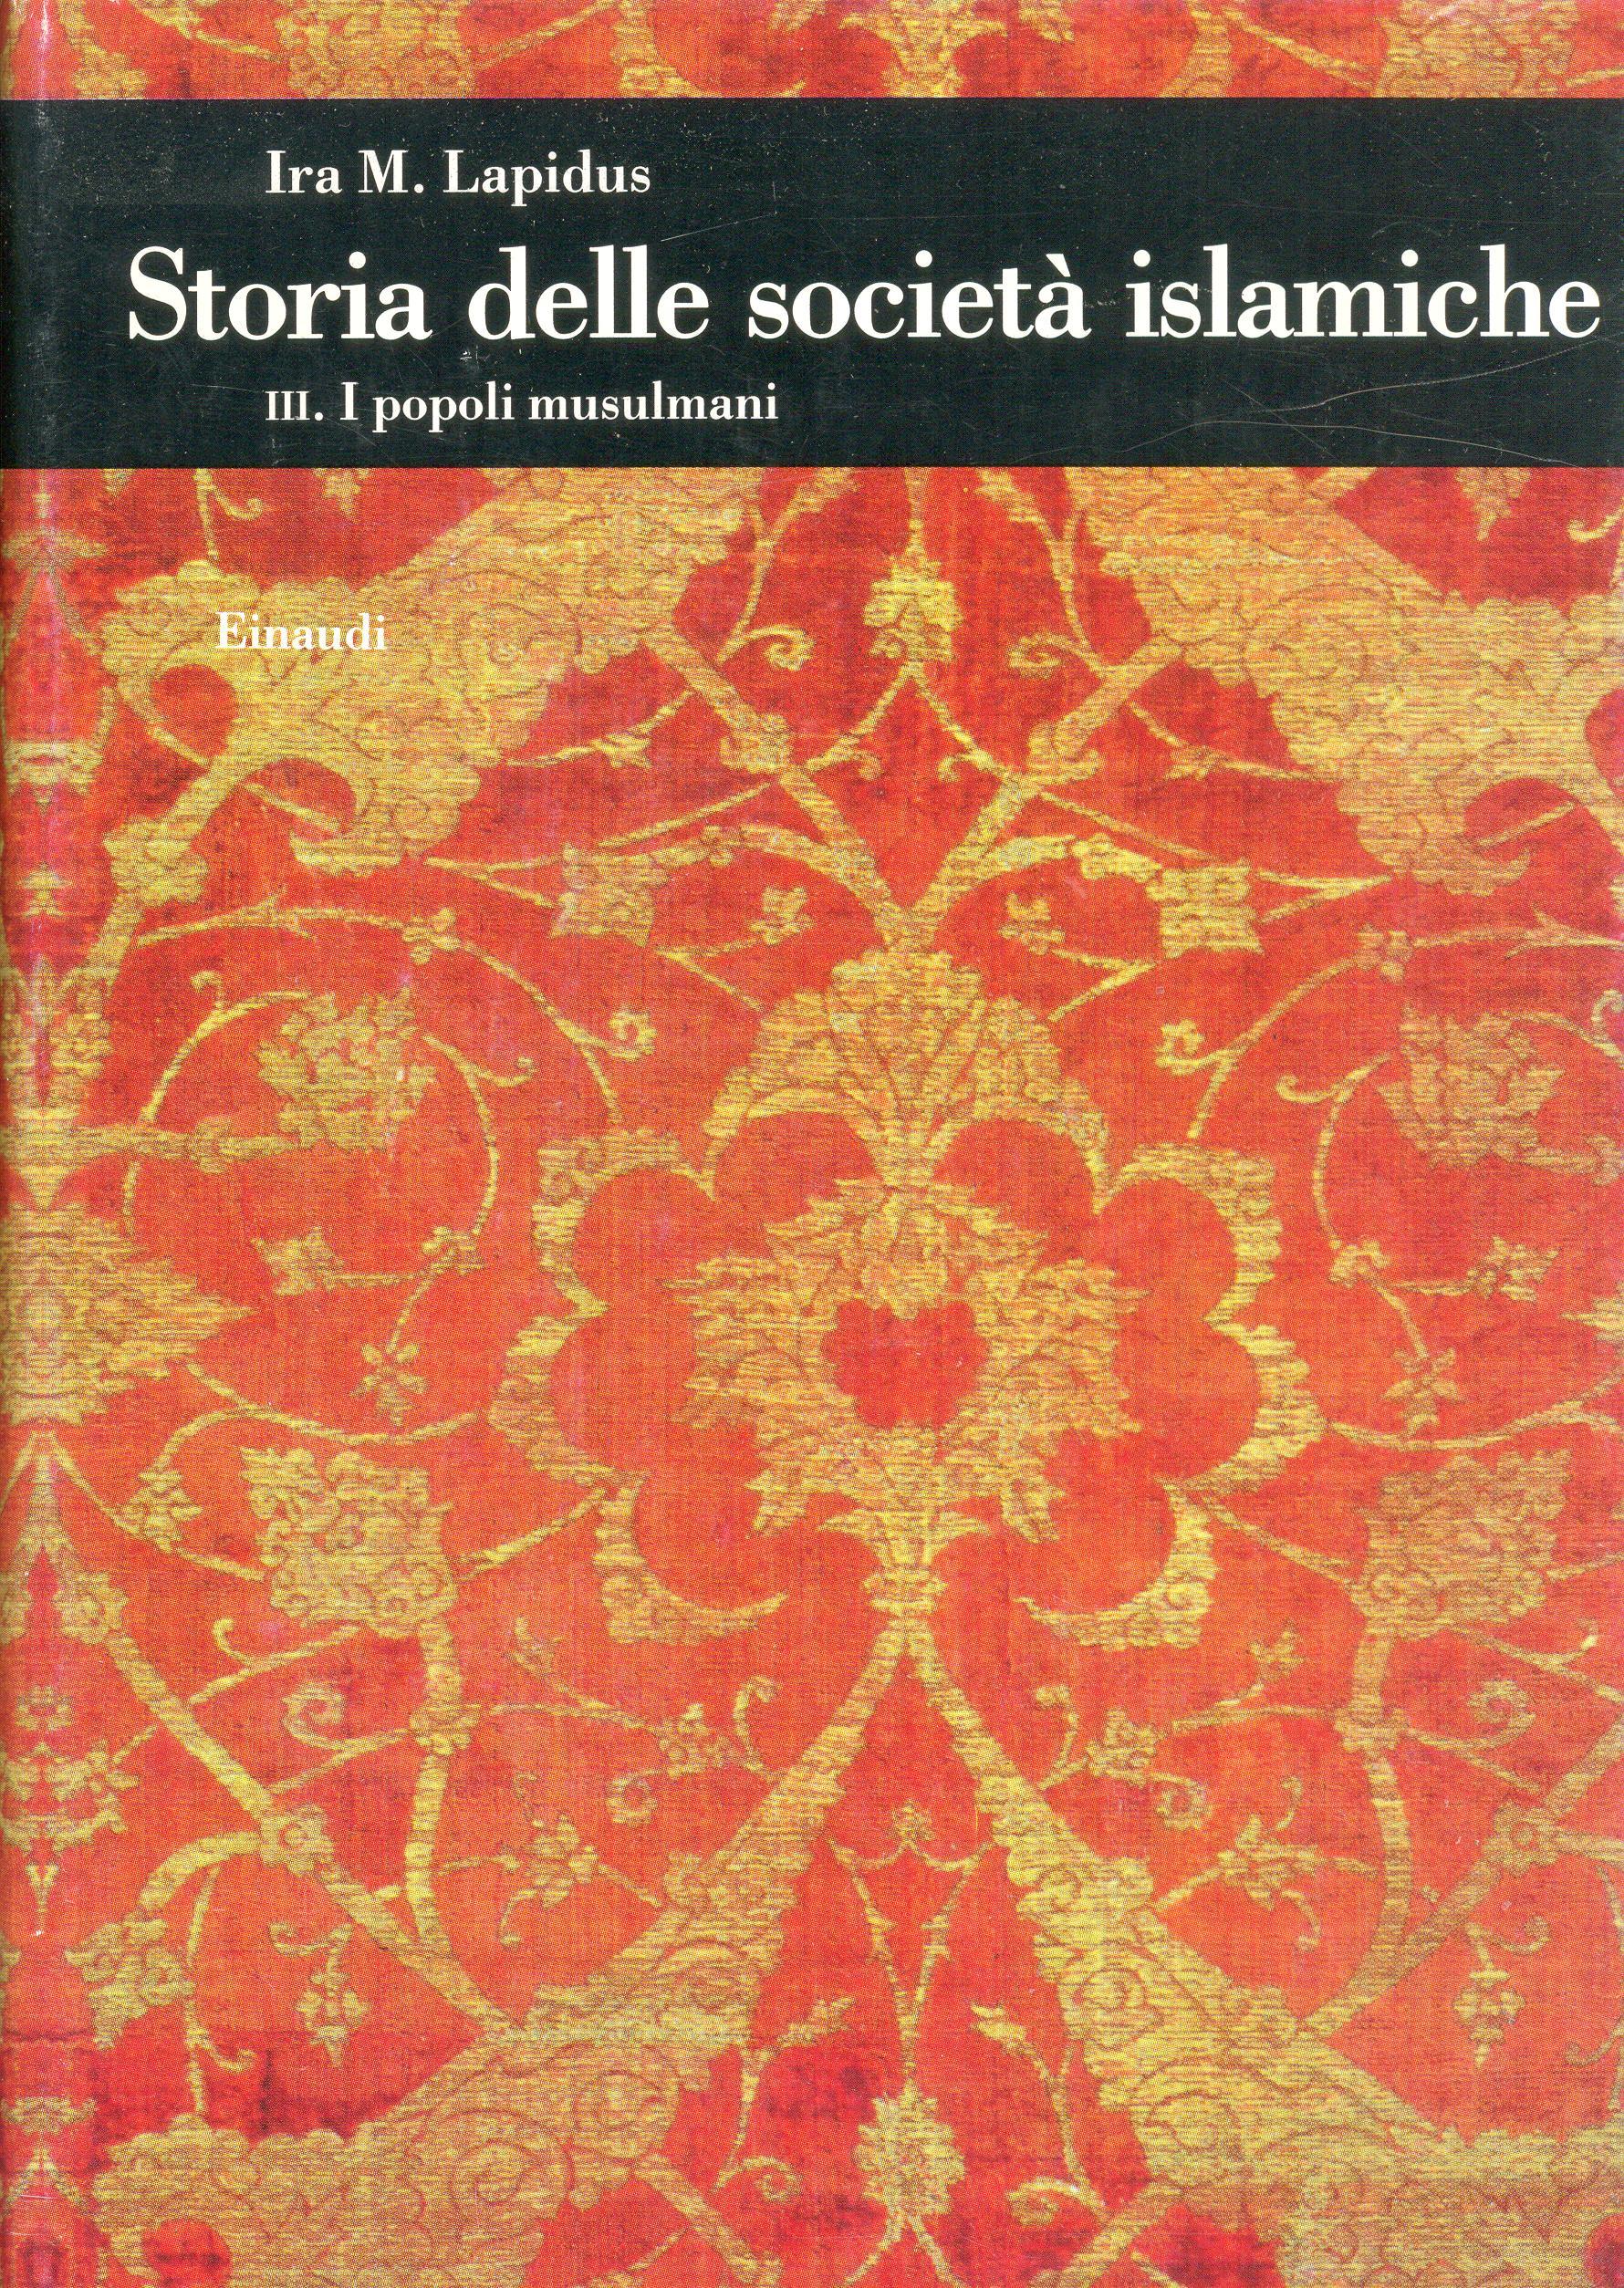 Storia delle società islamiche / I popoli musulmani